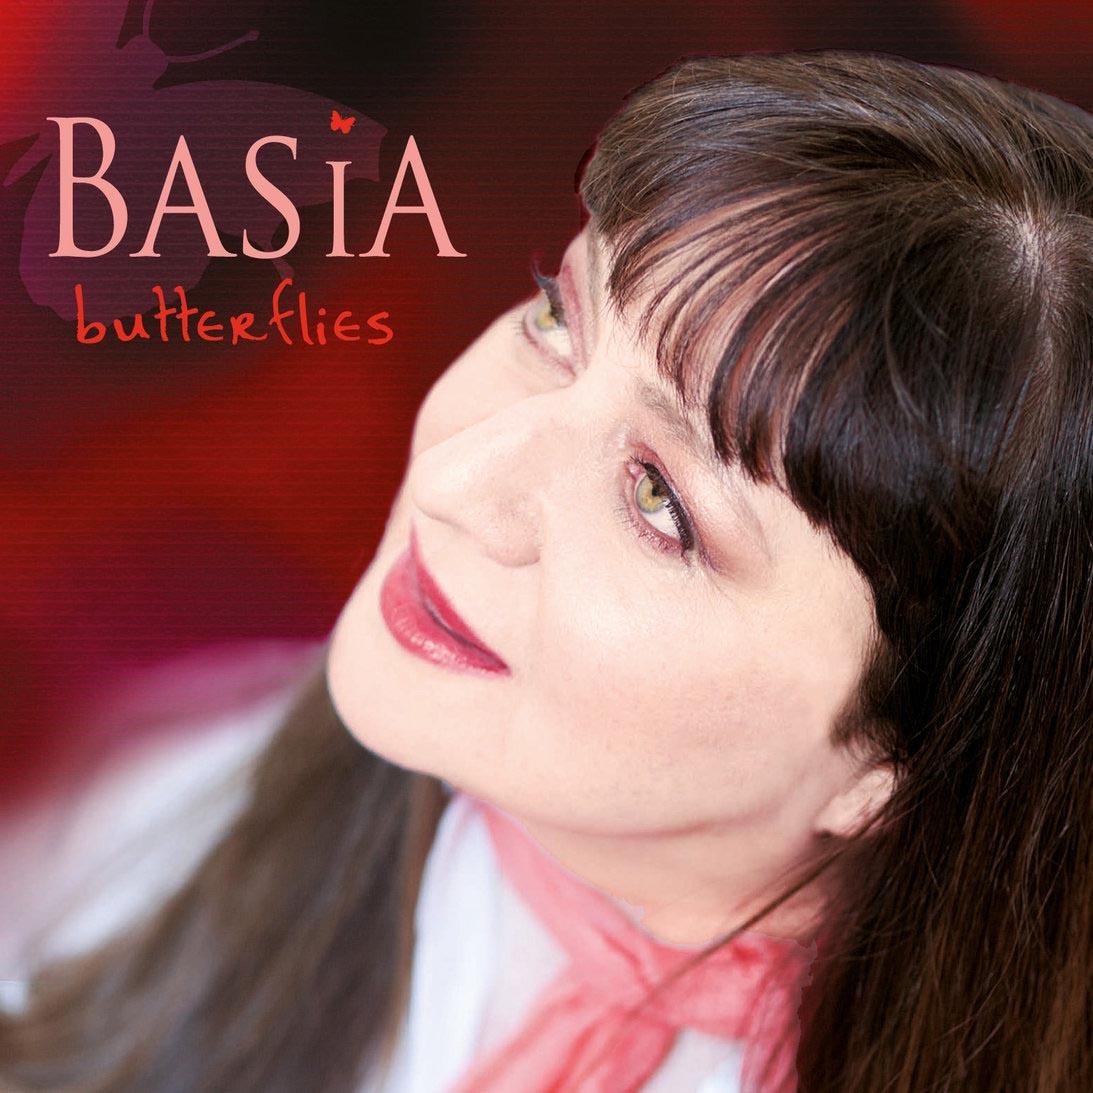 basia-butterflies-b-iext52836346